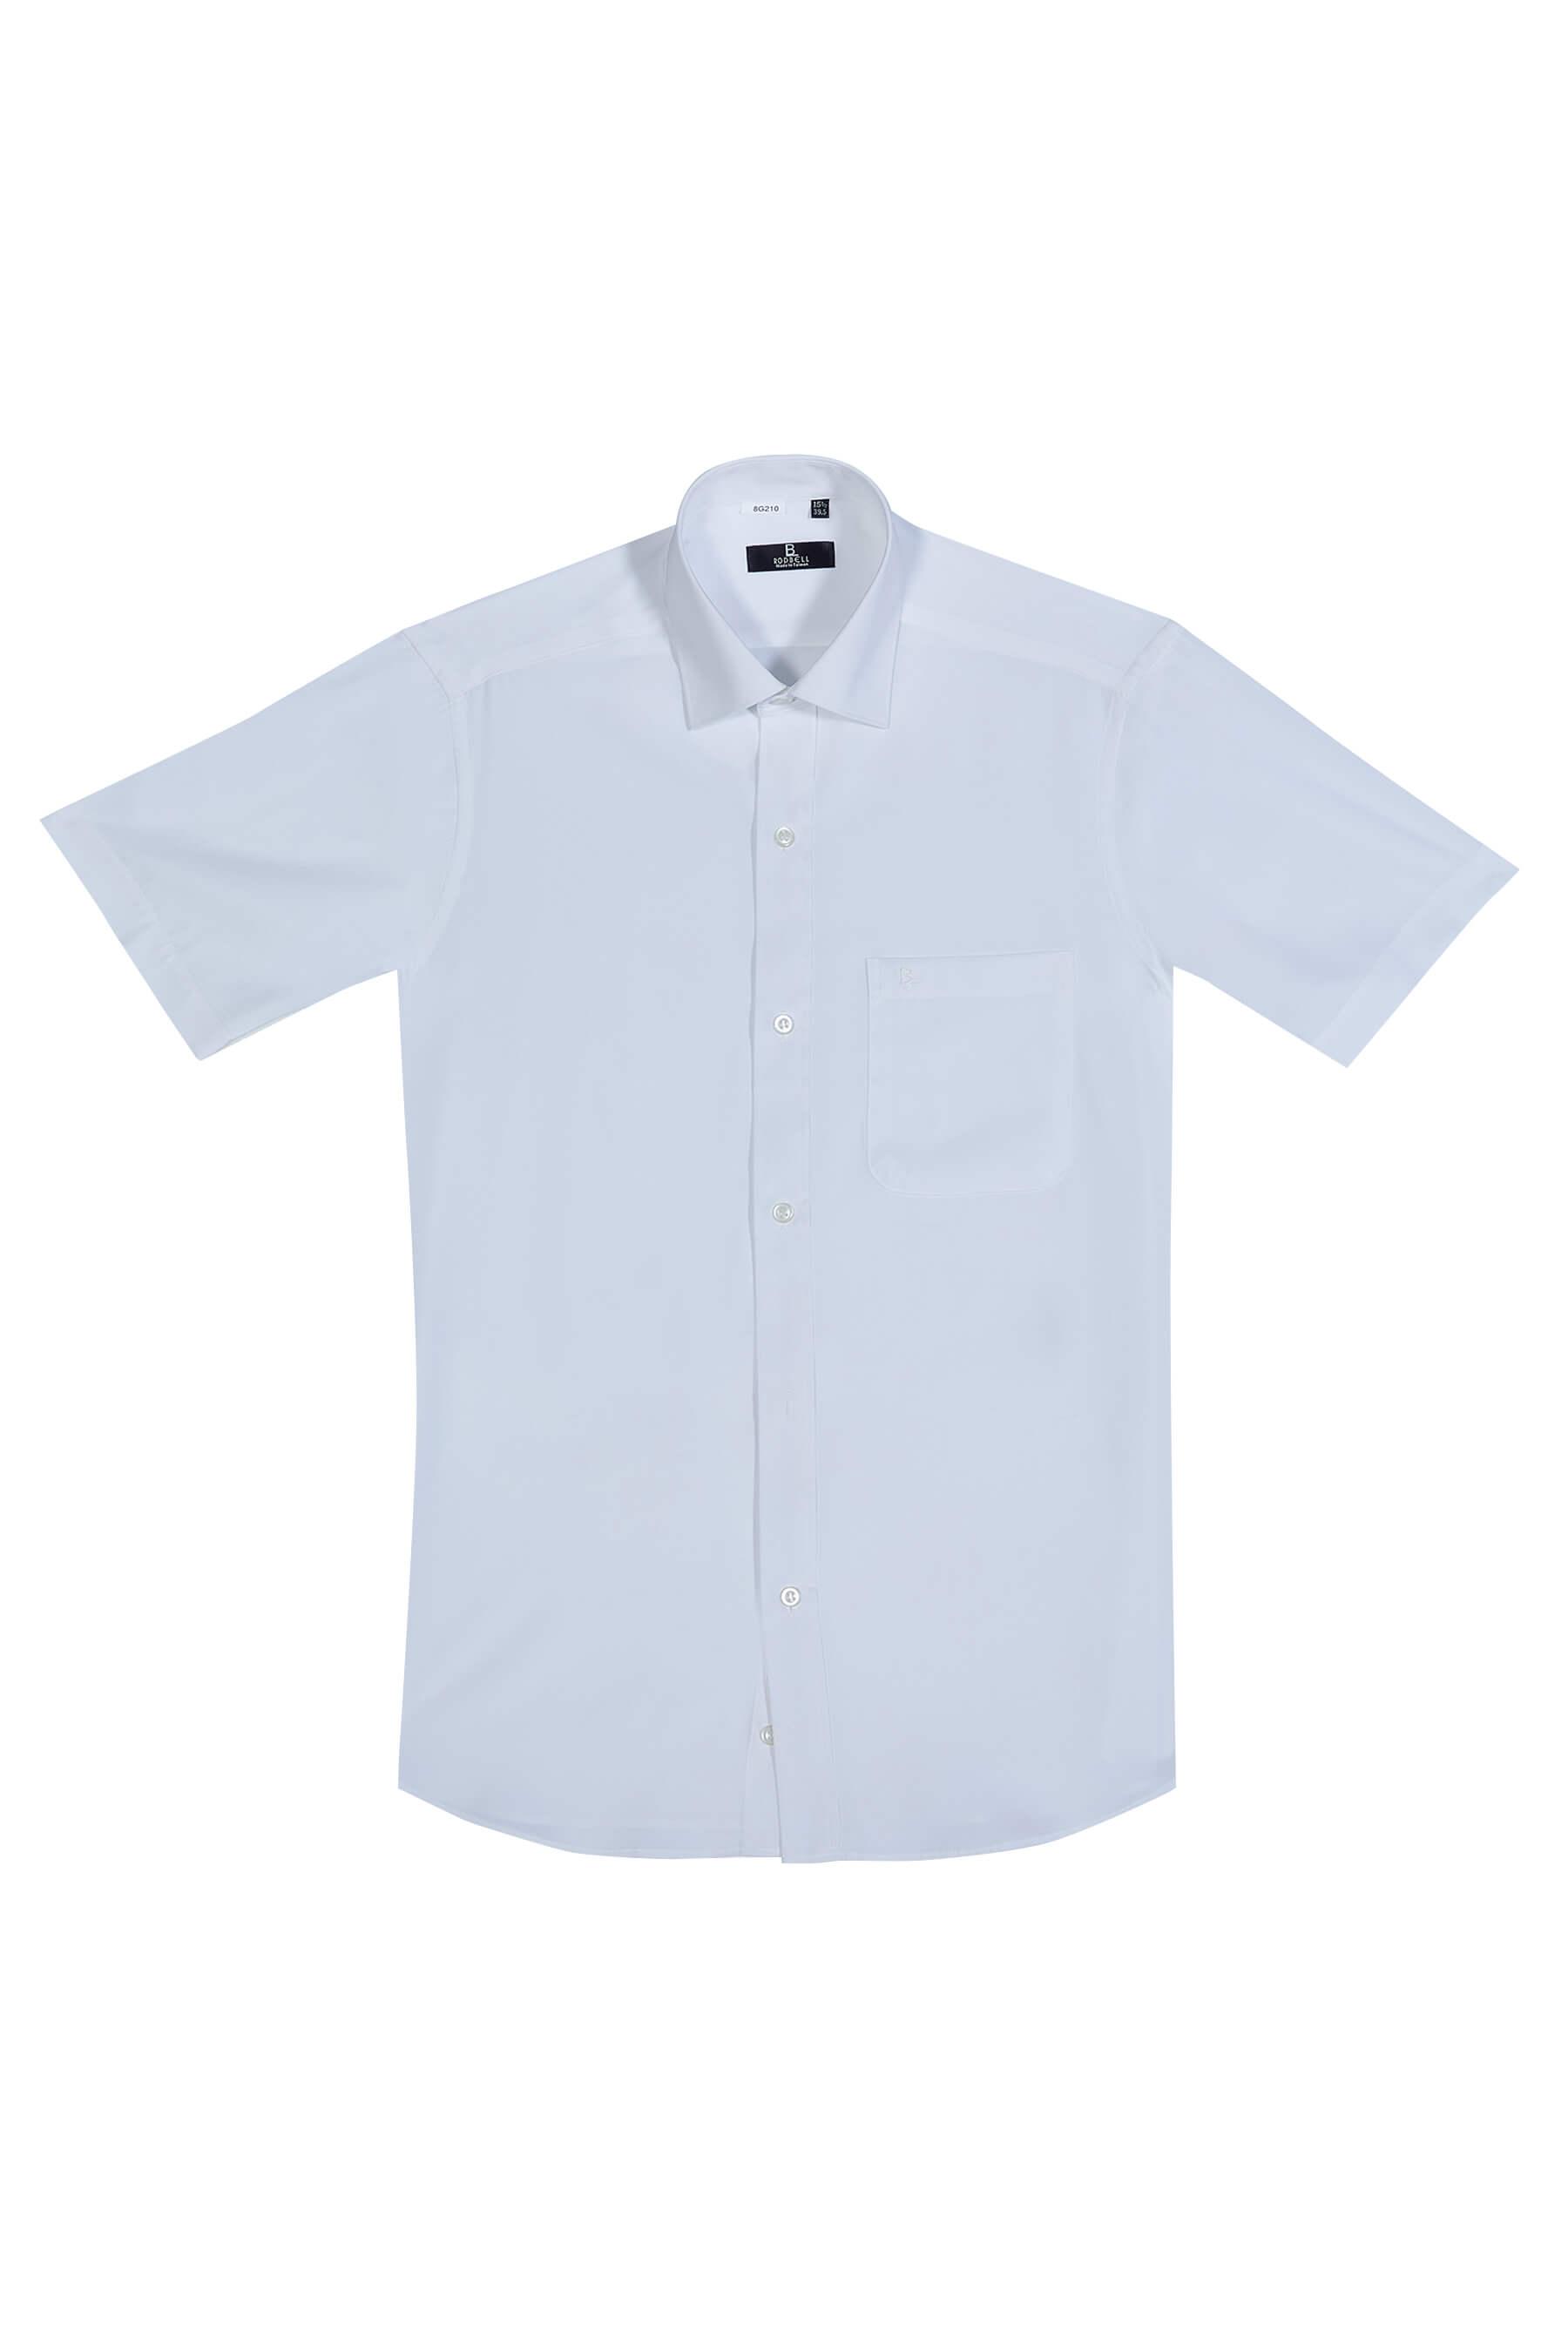 白色素面短袖襯衫/抗皺 透氣